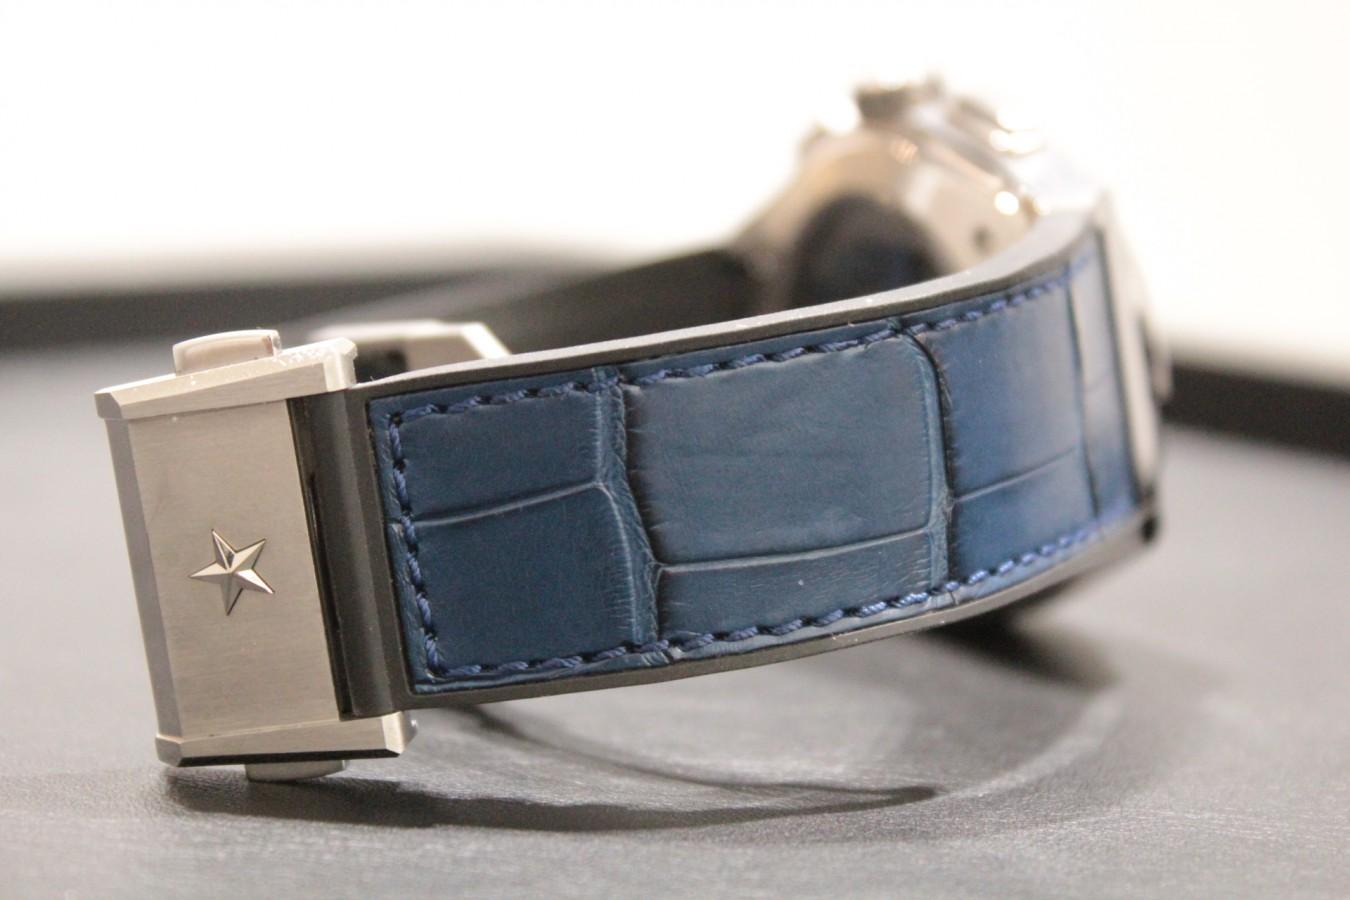 IMG_5196 M様の「デファイ エル・プリメロ21」ブルーモデルをビタミンカラーで華やかに! - ベルト/ストラップ お客様